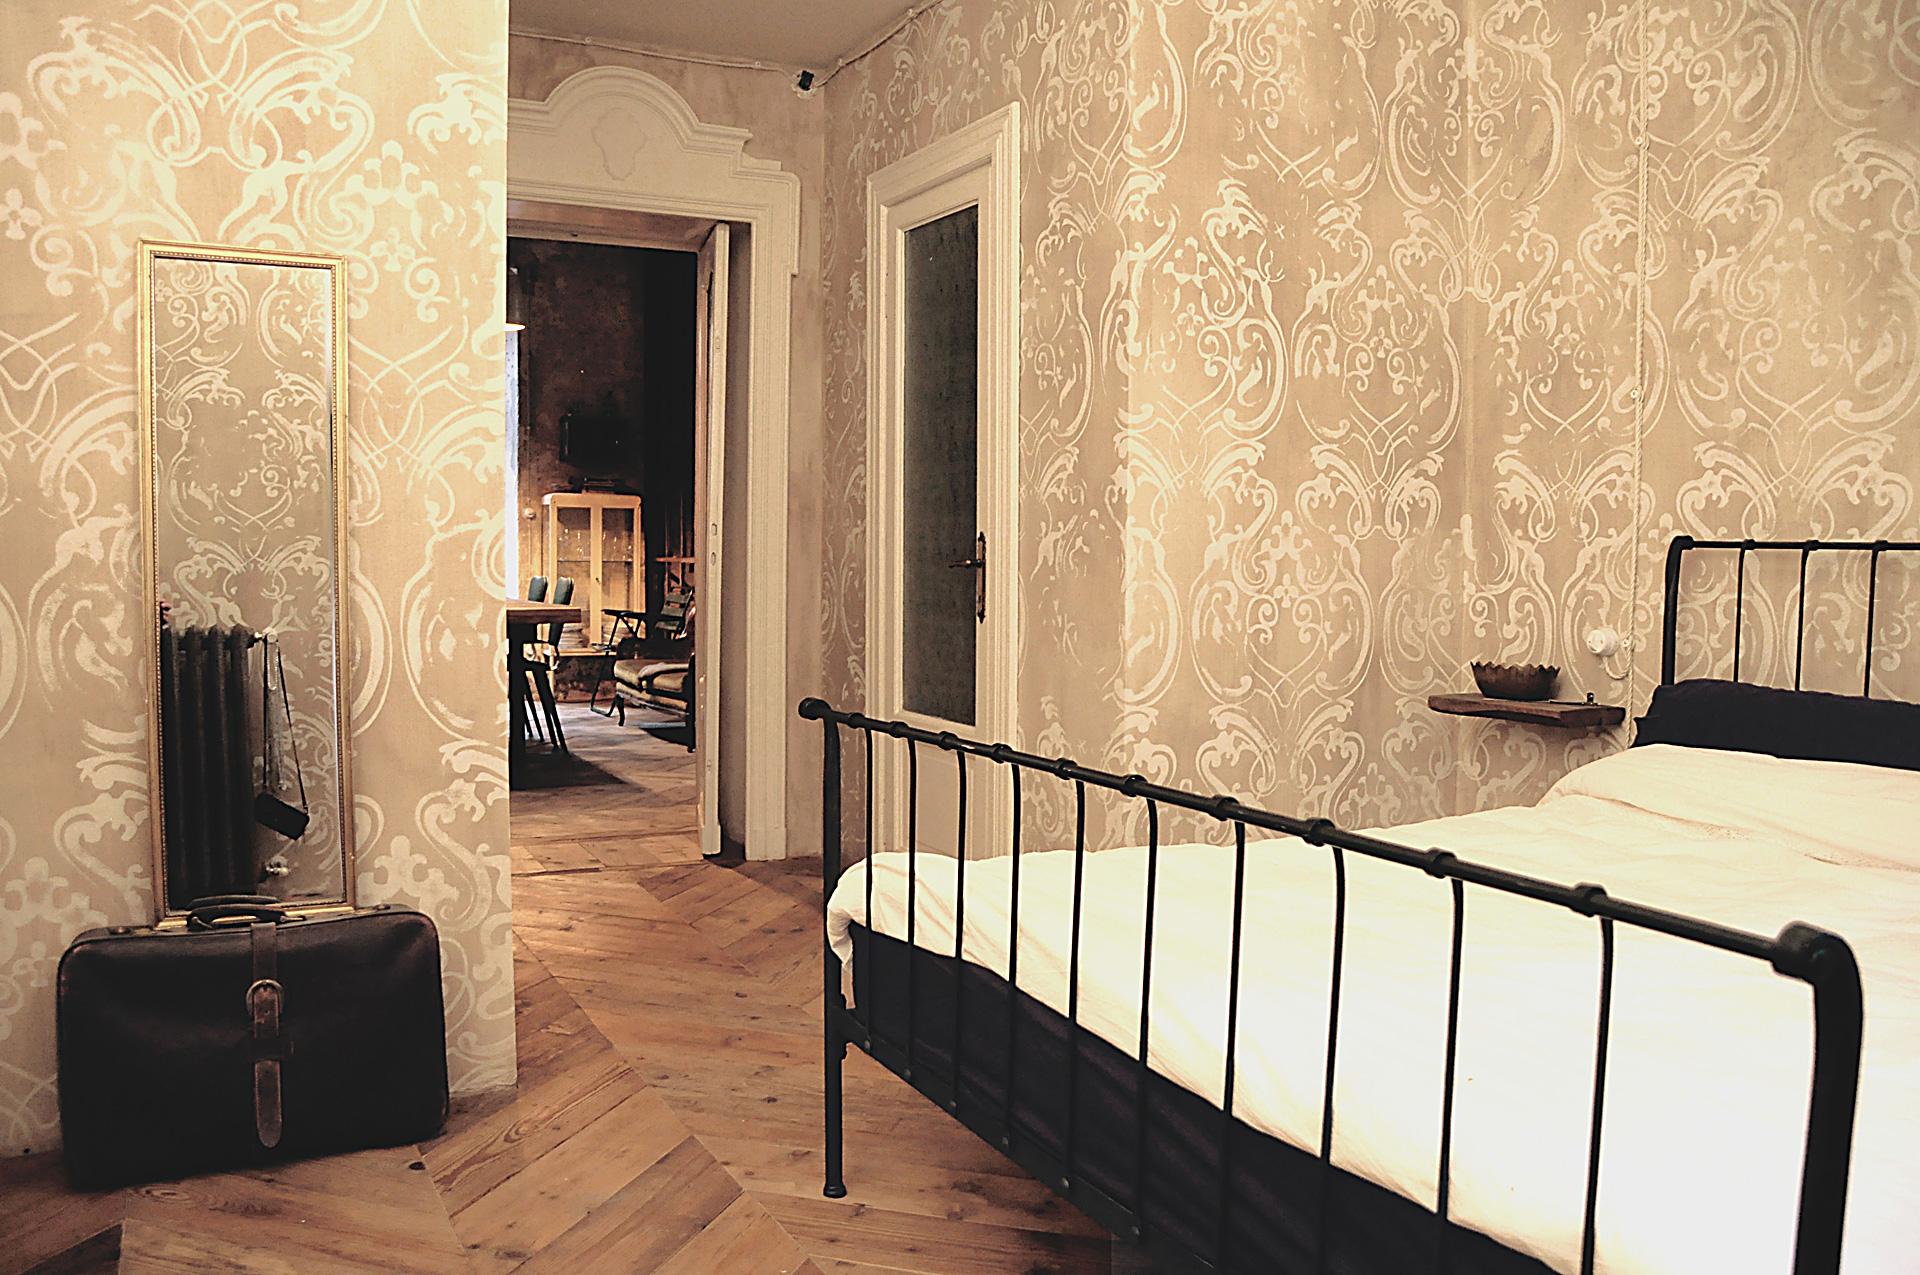 Gouache - Alice Guazzo - Carlotta Panzeri - Wall Art - Decorazione muri